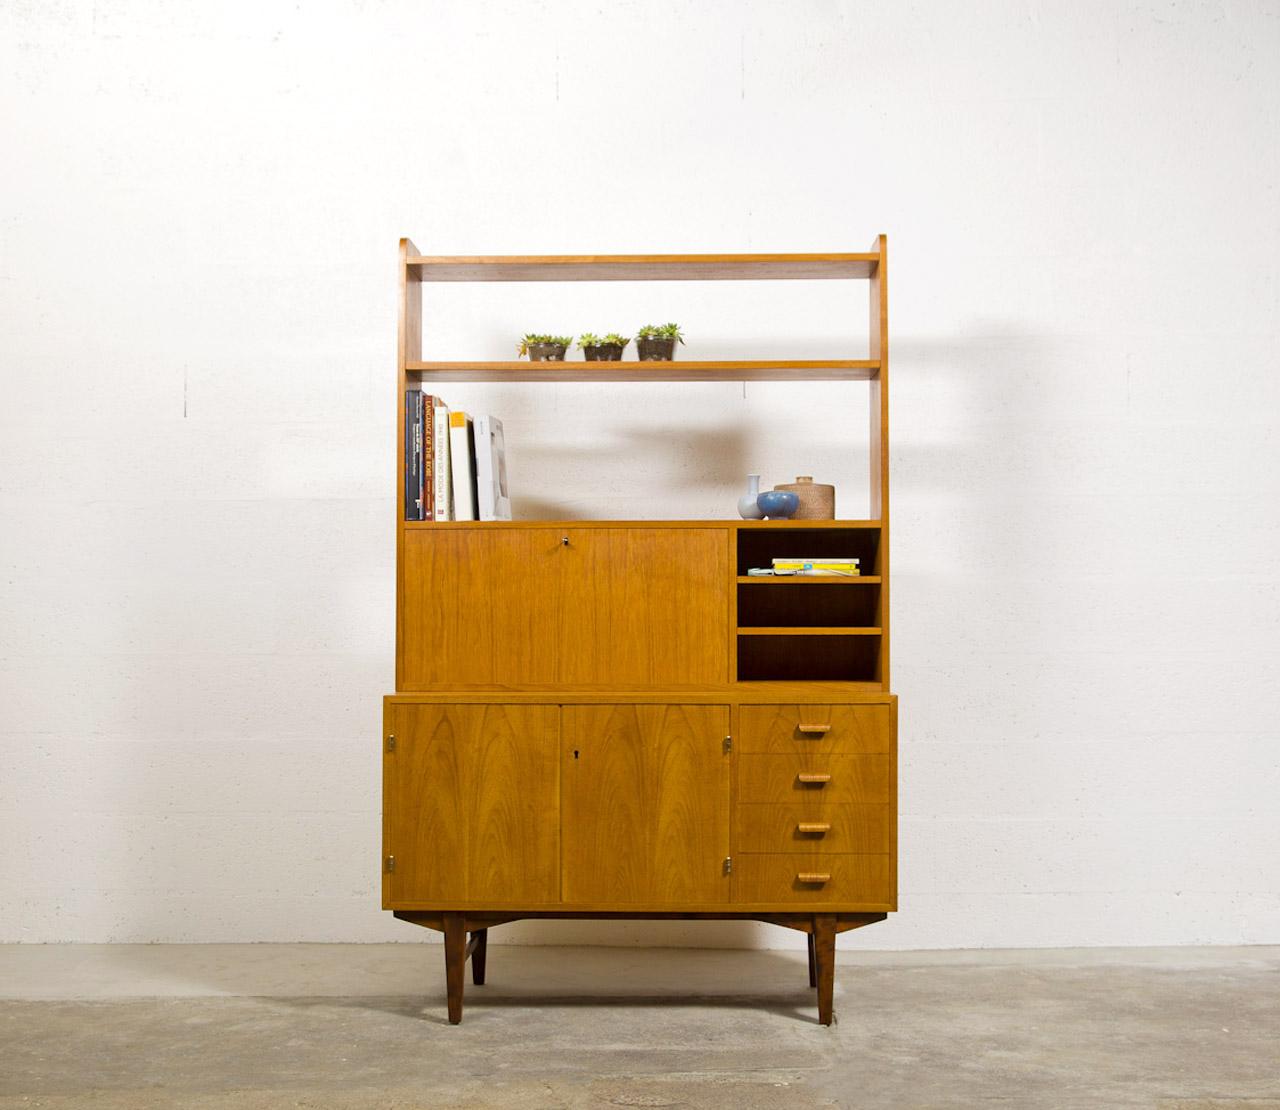 st 020 tack market. Black Bedroom Furniture Sets. Home Design Ideas